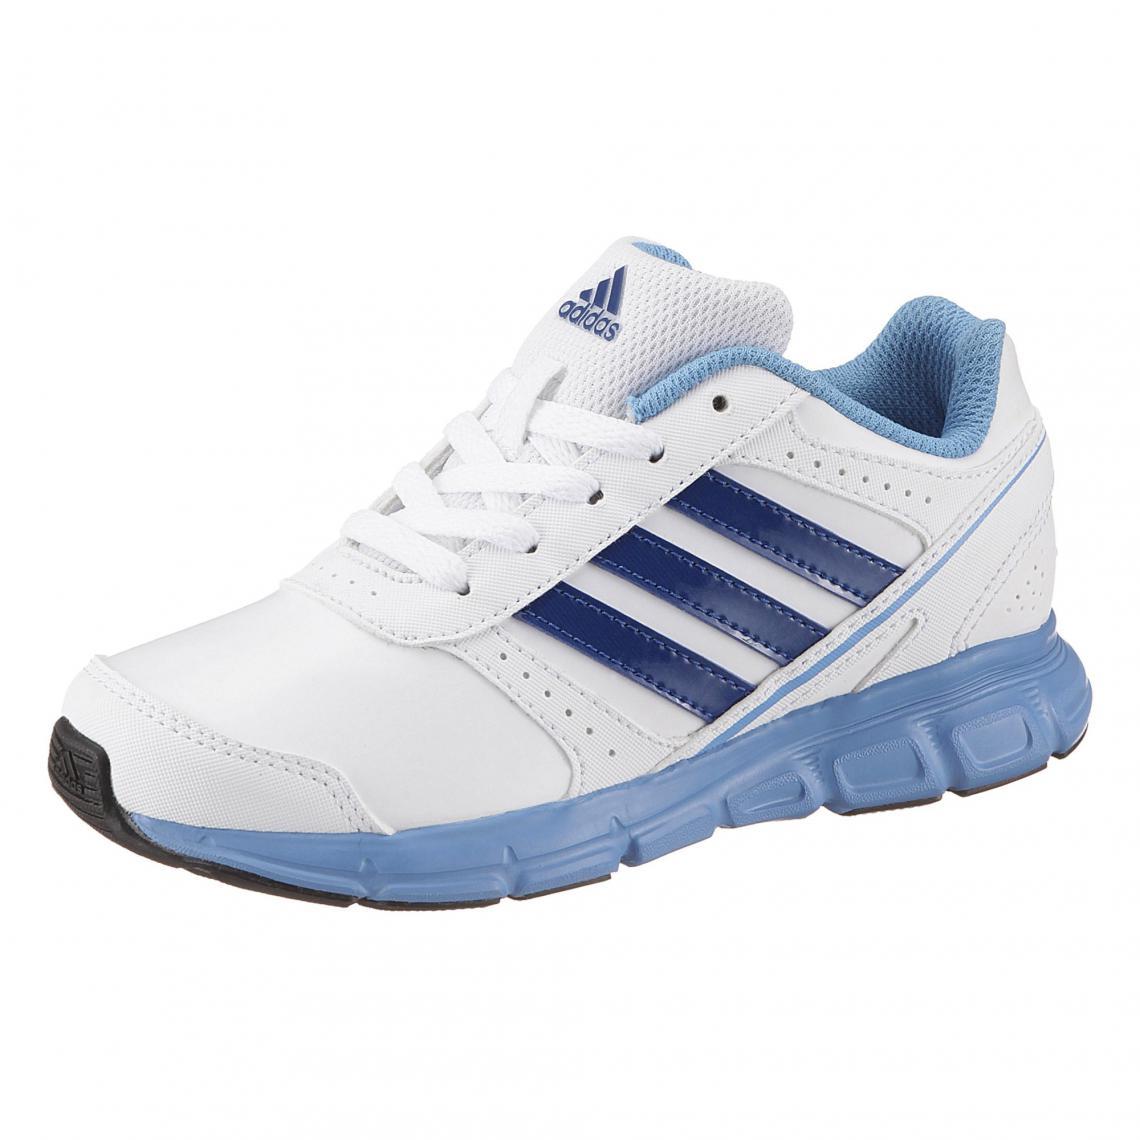 grossiste 6b5ab 89f07 Baskets Adidas blanc et bleu | 3 SUISSES